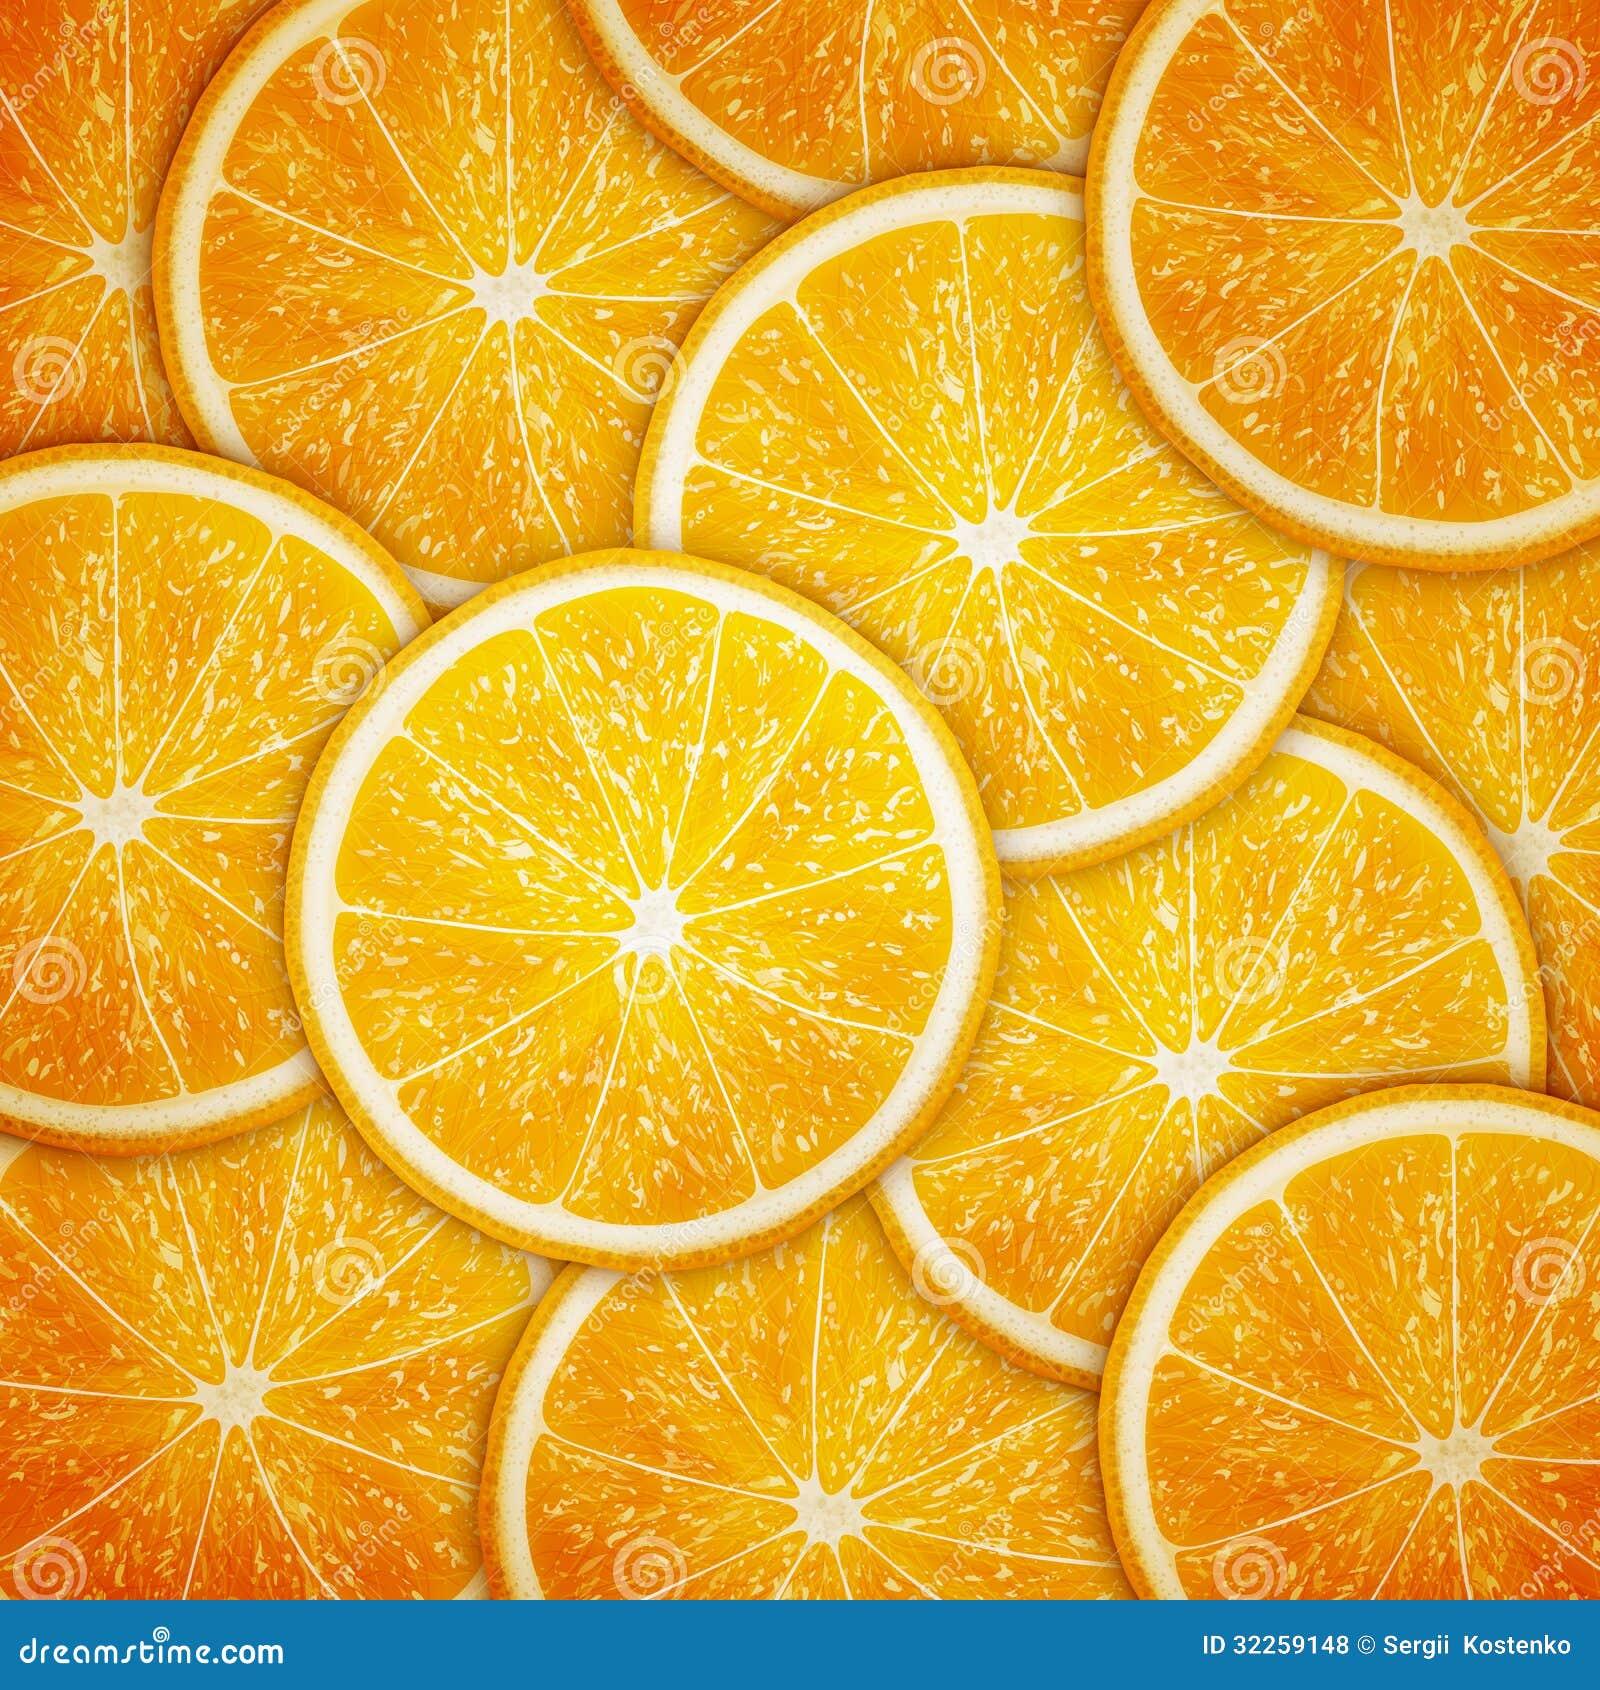 lemon wallpaper iphone